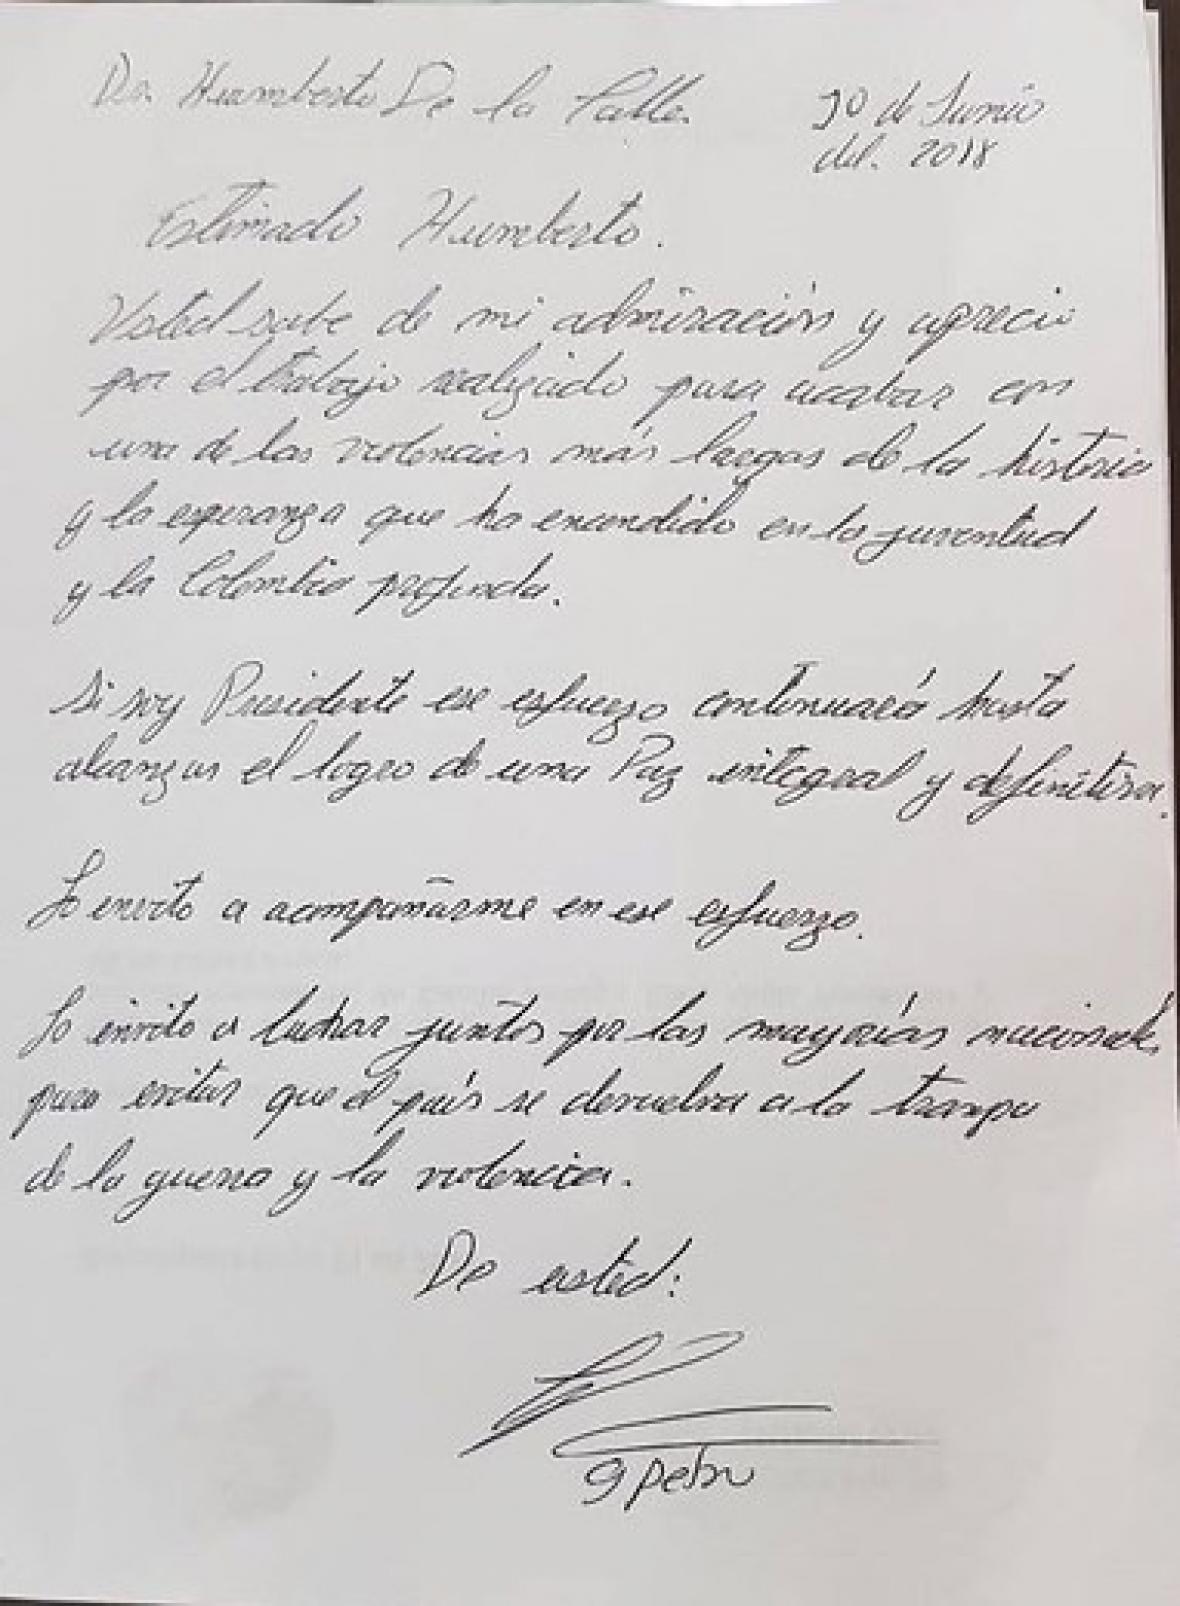 Carta enviada por Gustavo Petro a De la Calle.